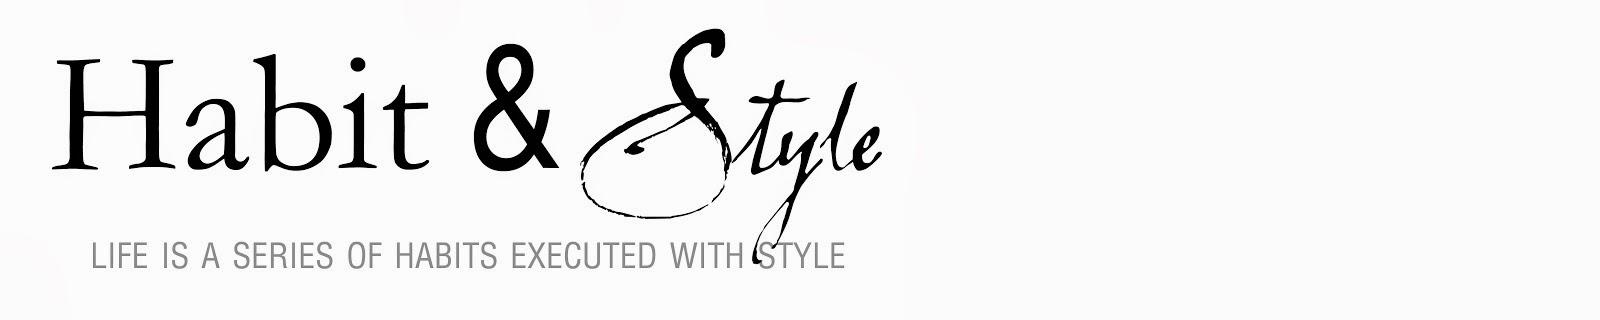 Habit & Style